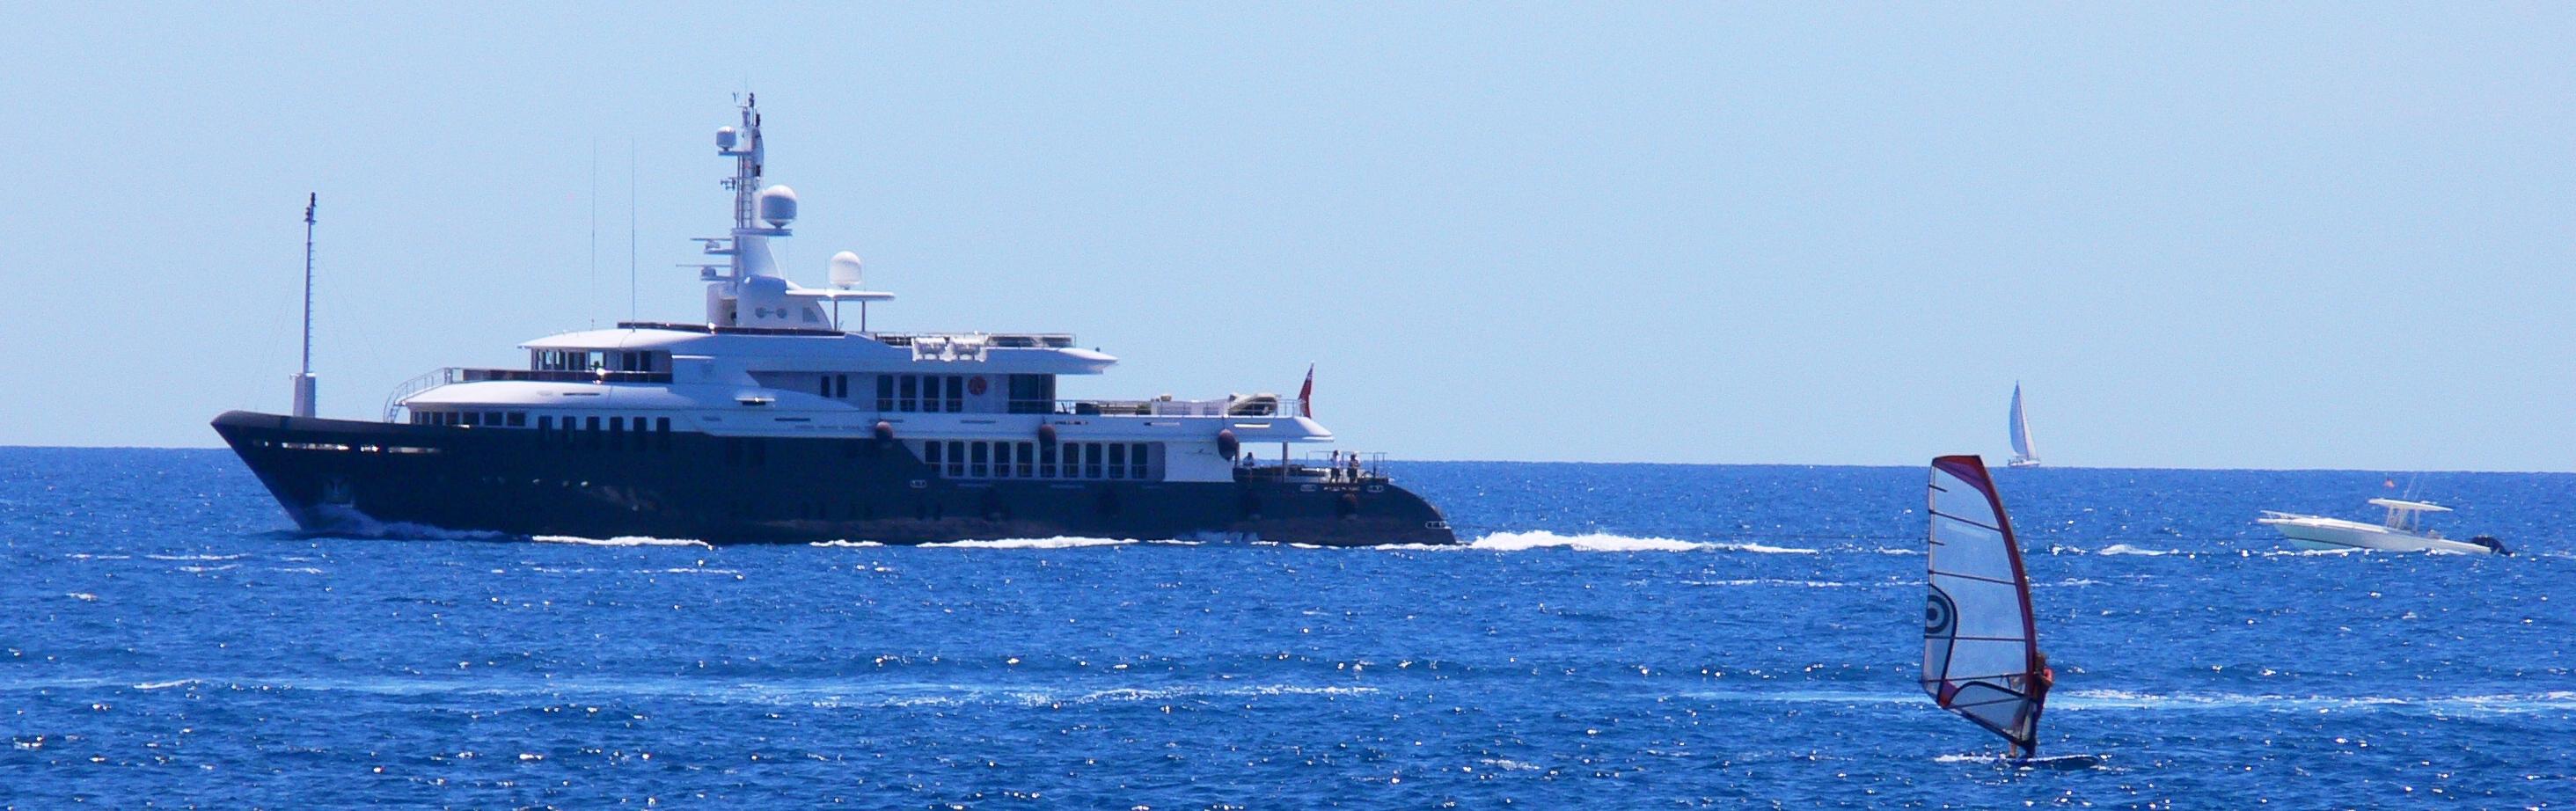 yacht-leo-fun